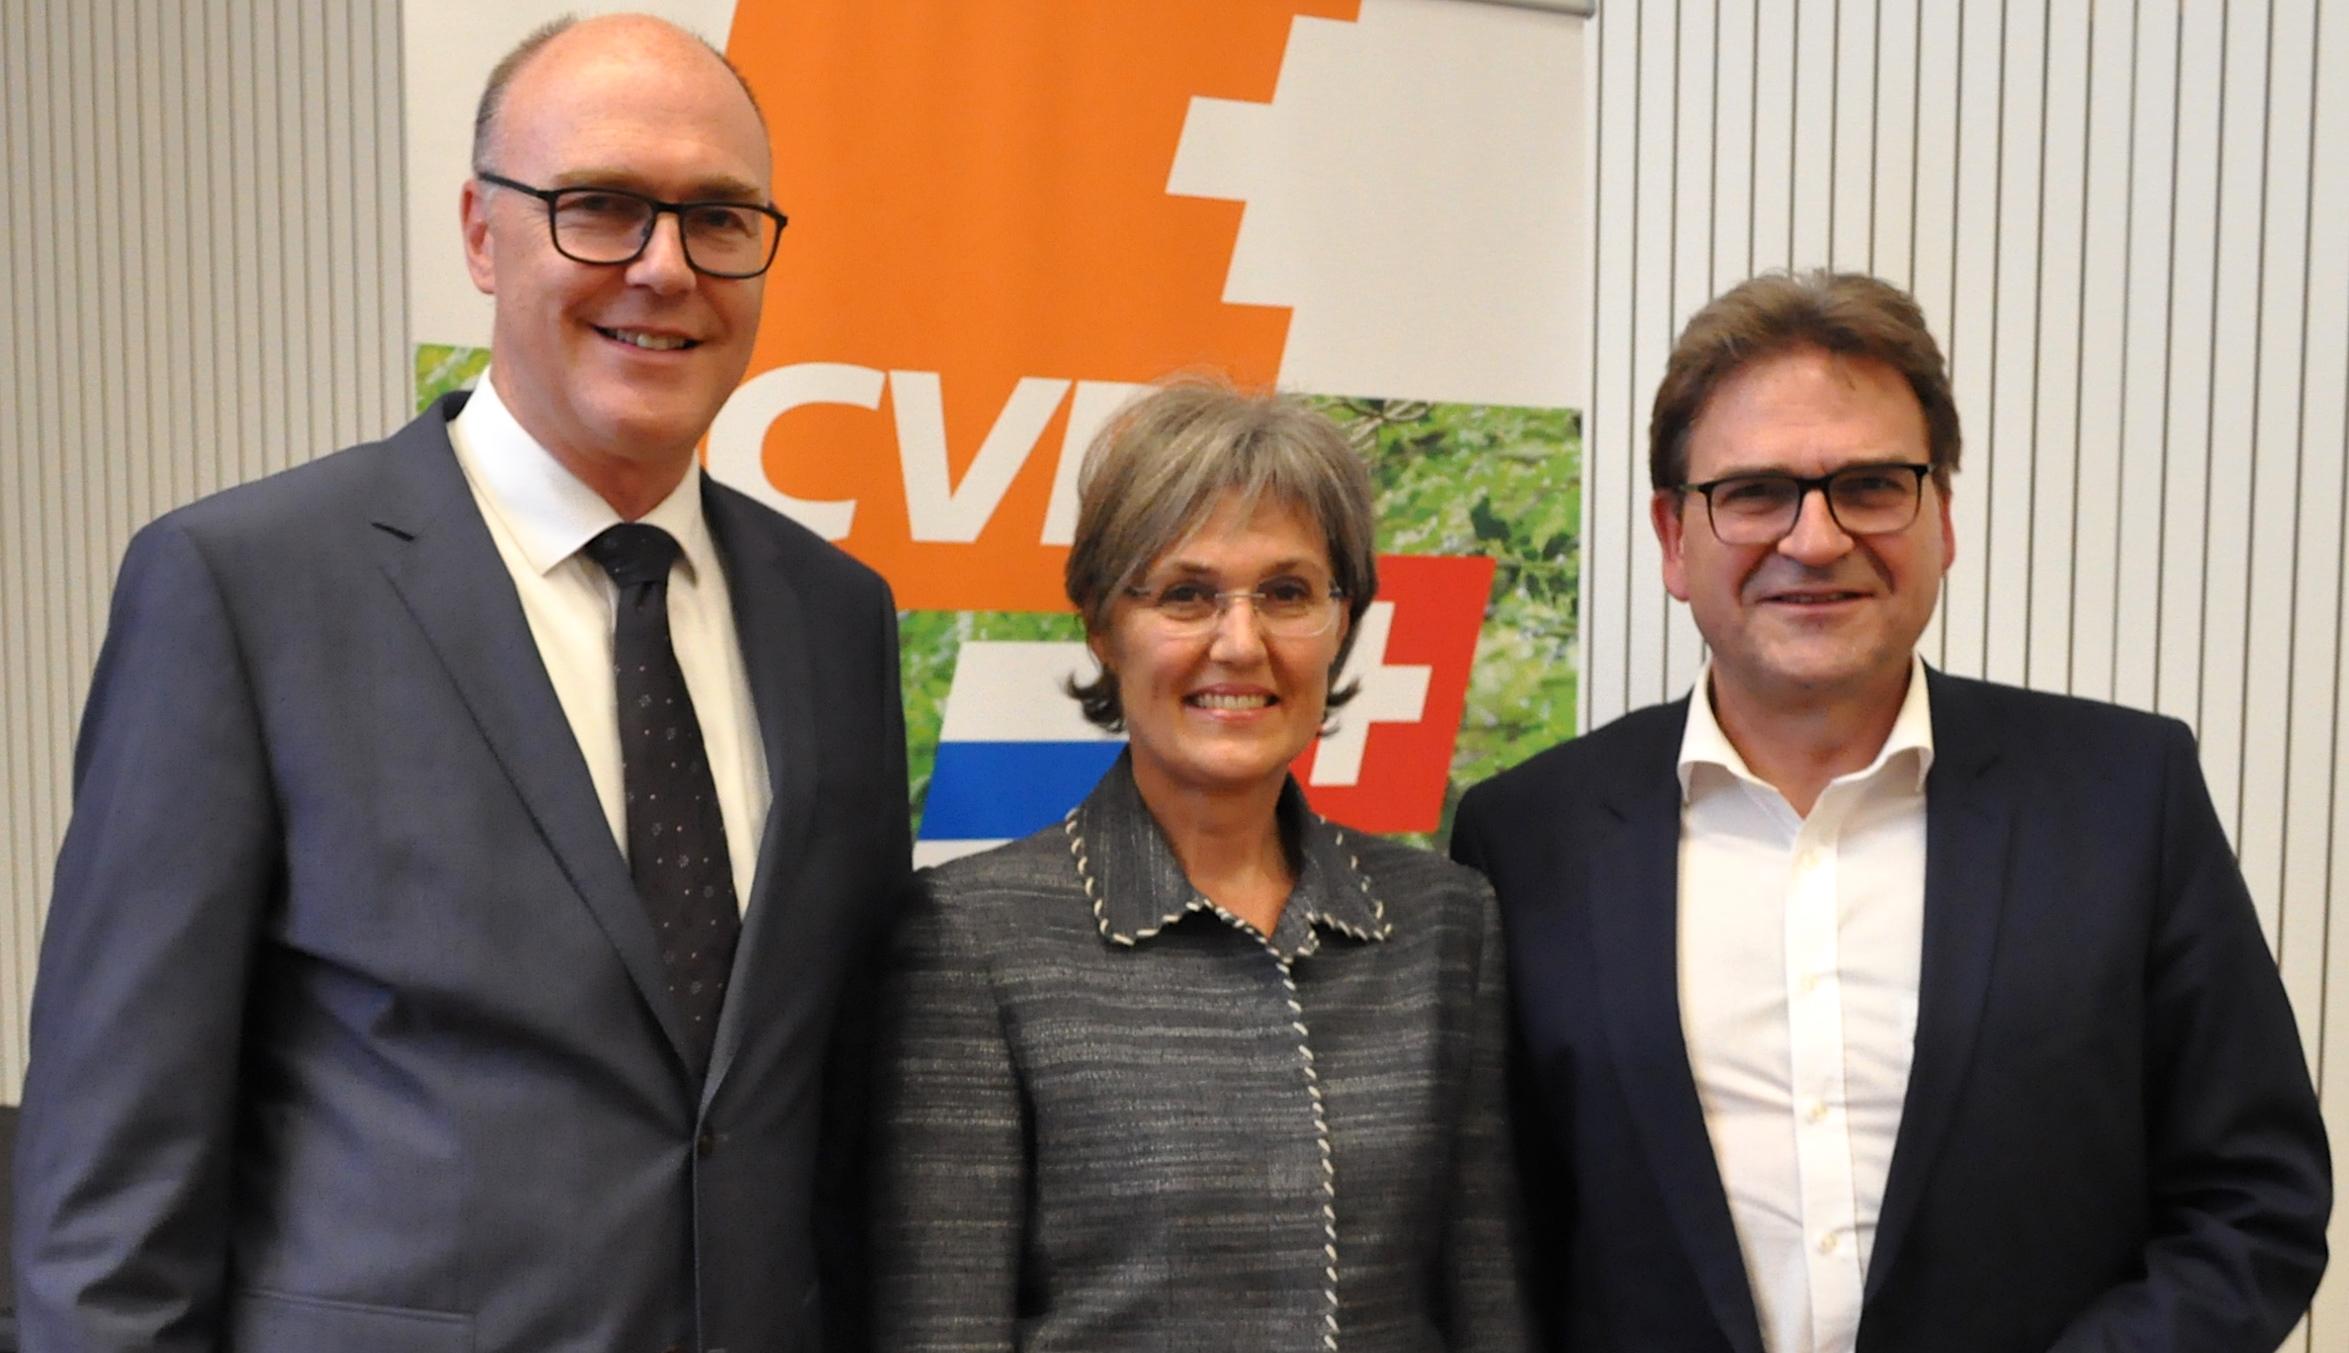 Diese drei Christdemokraten wollen in die Zuger Regierung: Martin Pfister (links, bisher), Silvia Thalmann-Gut (neu) und Beat Villiger (bisher).